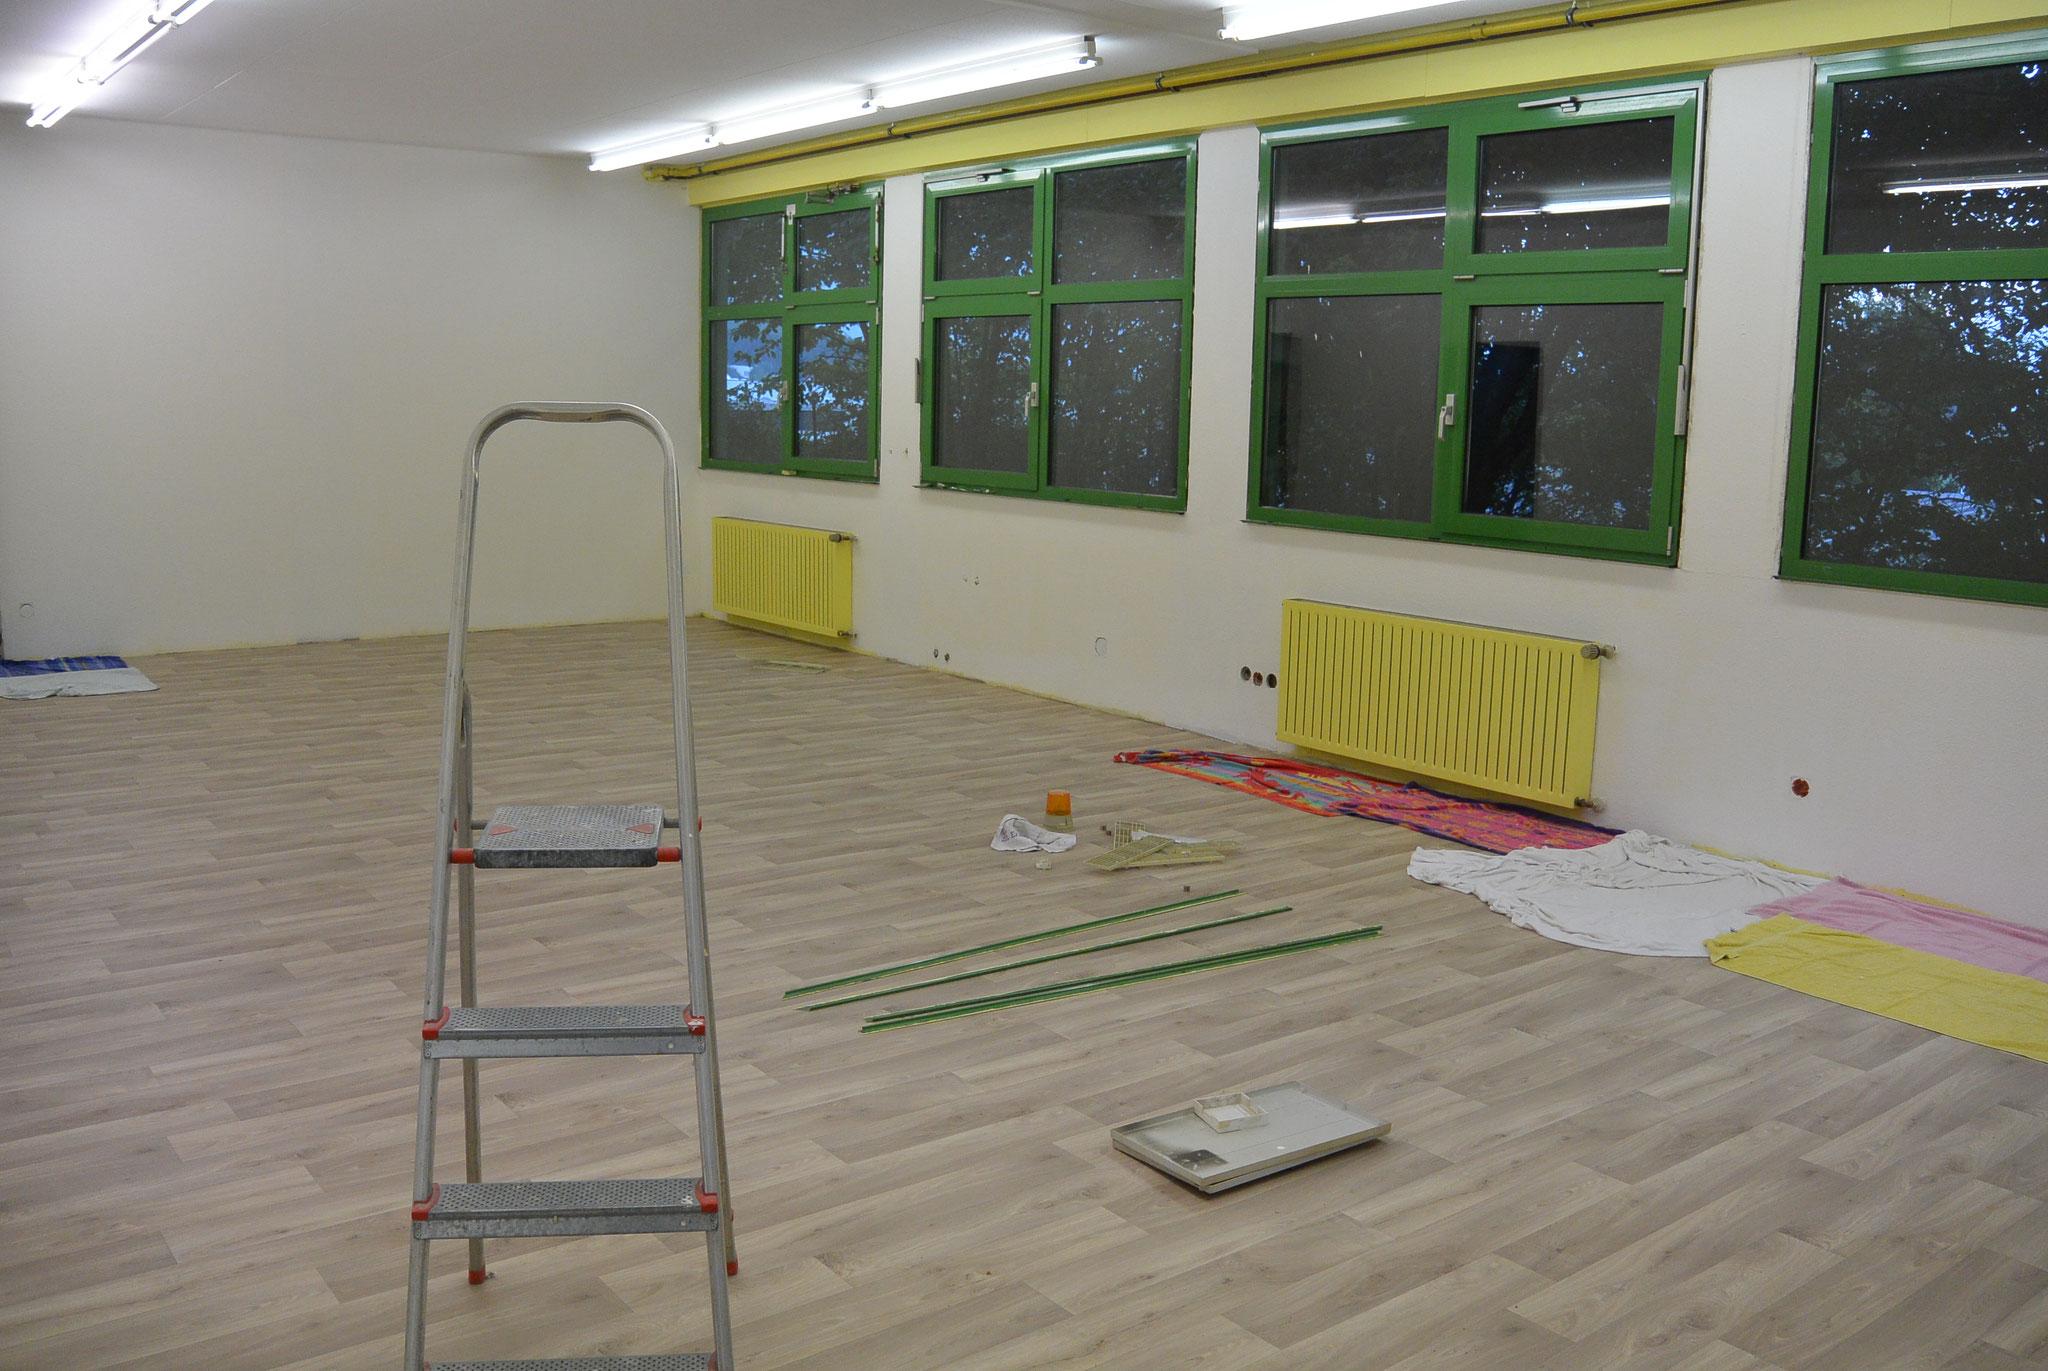 Und im großen Gästezimmer wird schon neu Tapeziert und gestrichen, neue Heizkörper gibt es auch gleich